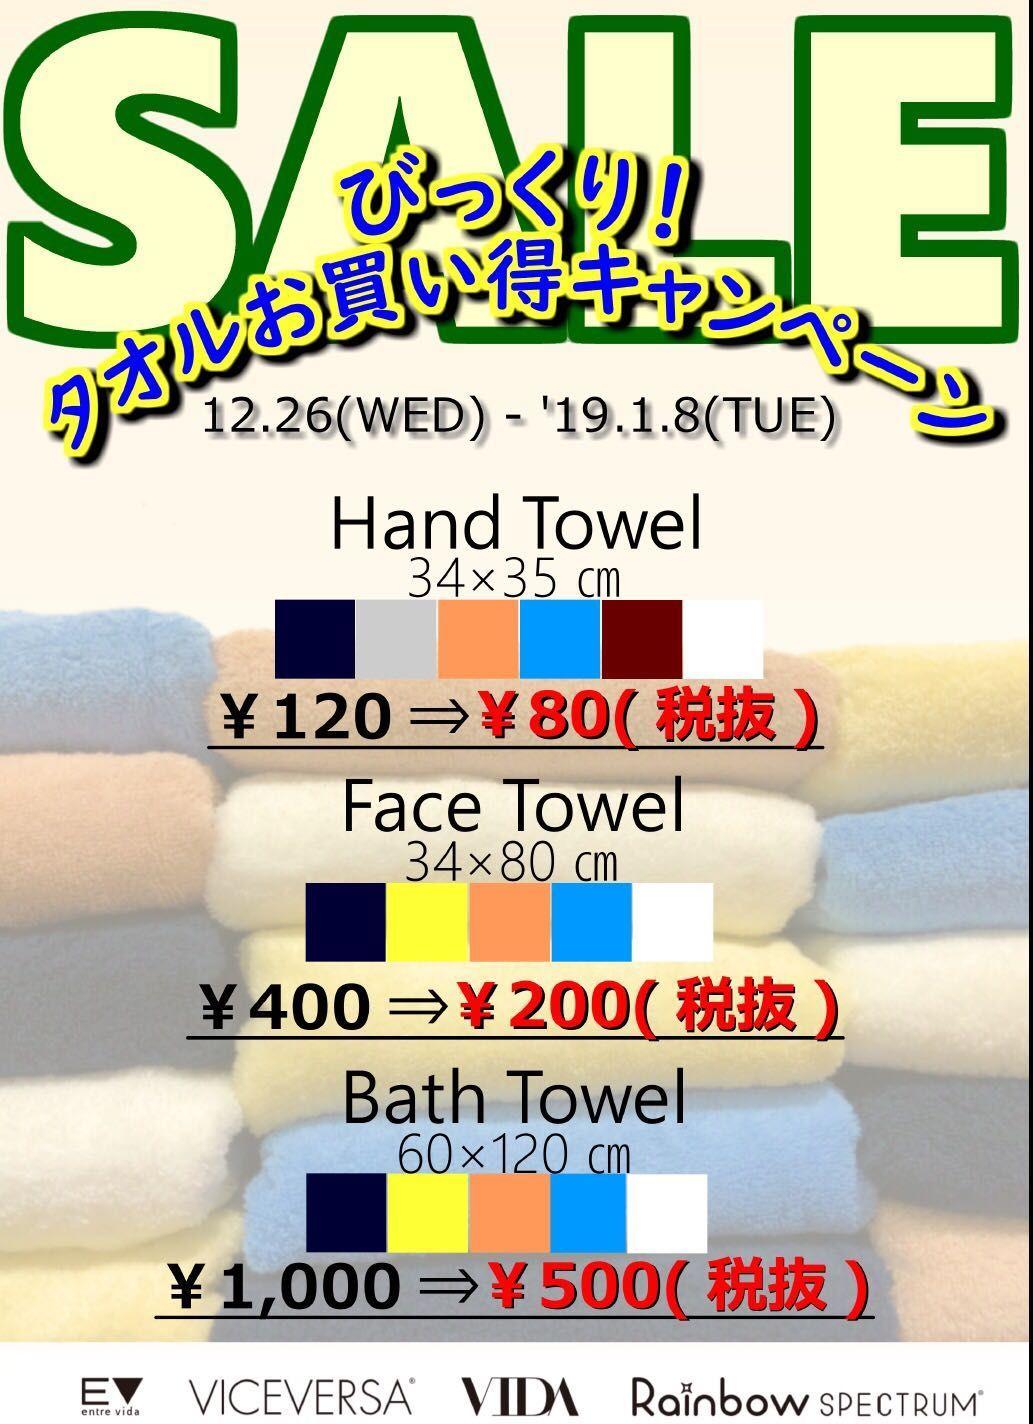 「タオルキャンペーン延長!おしりの石鹸再入荷!」の写真